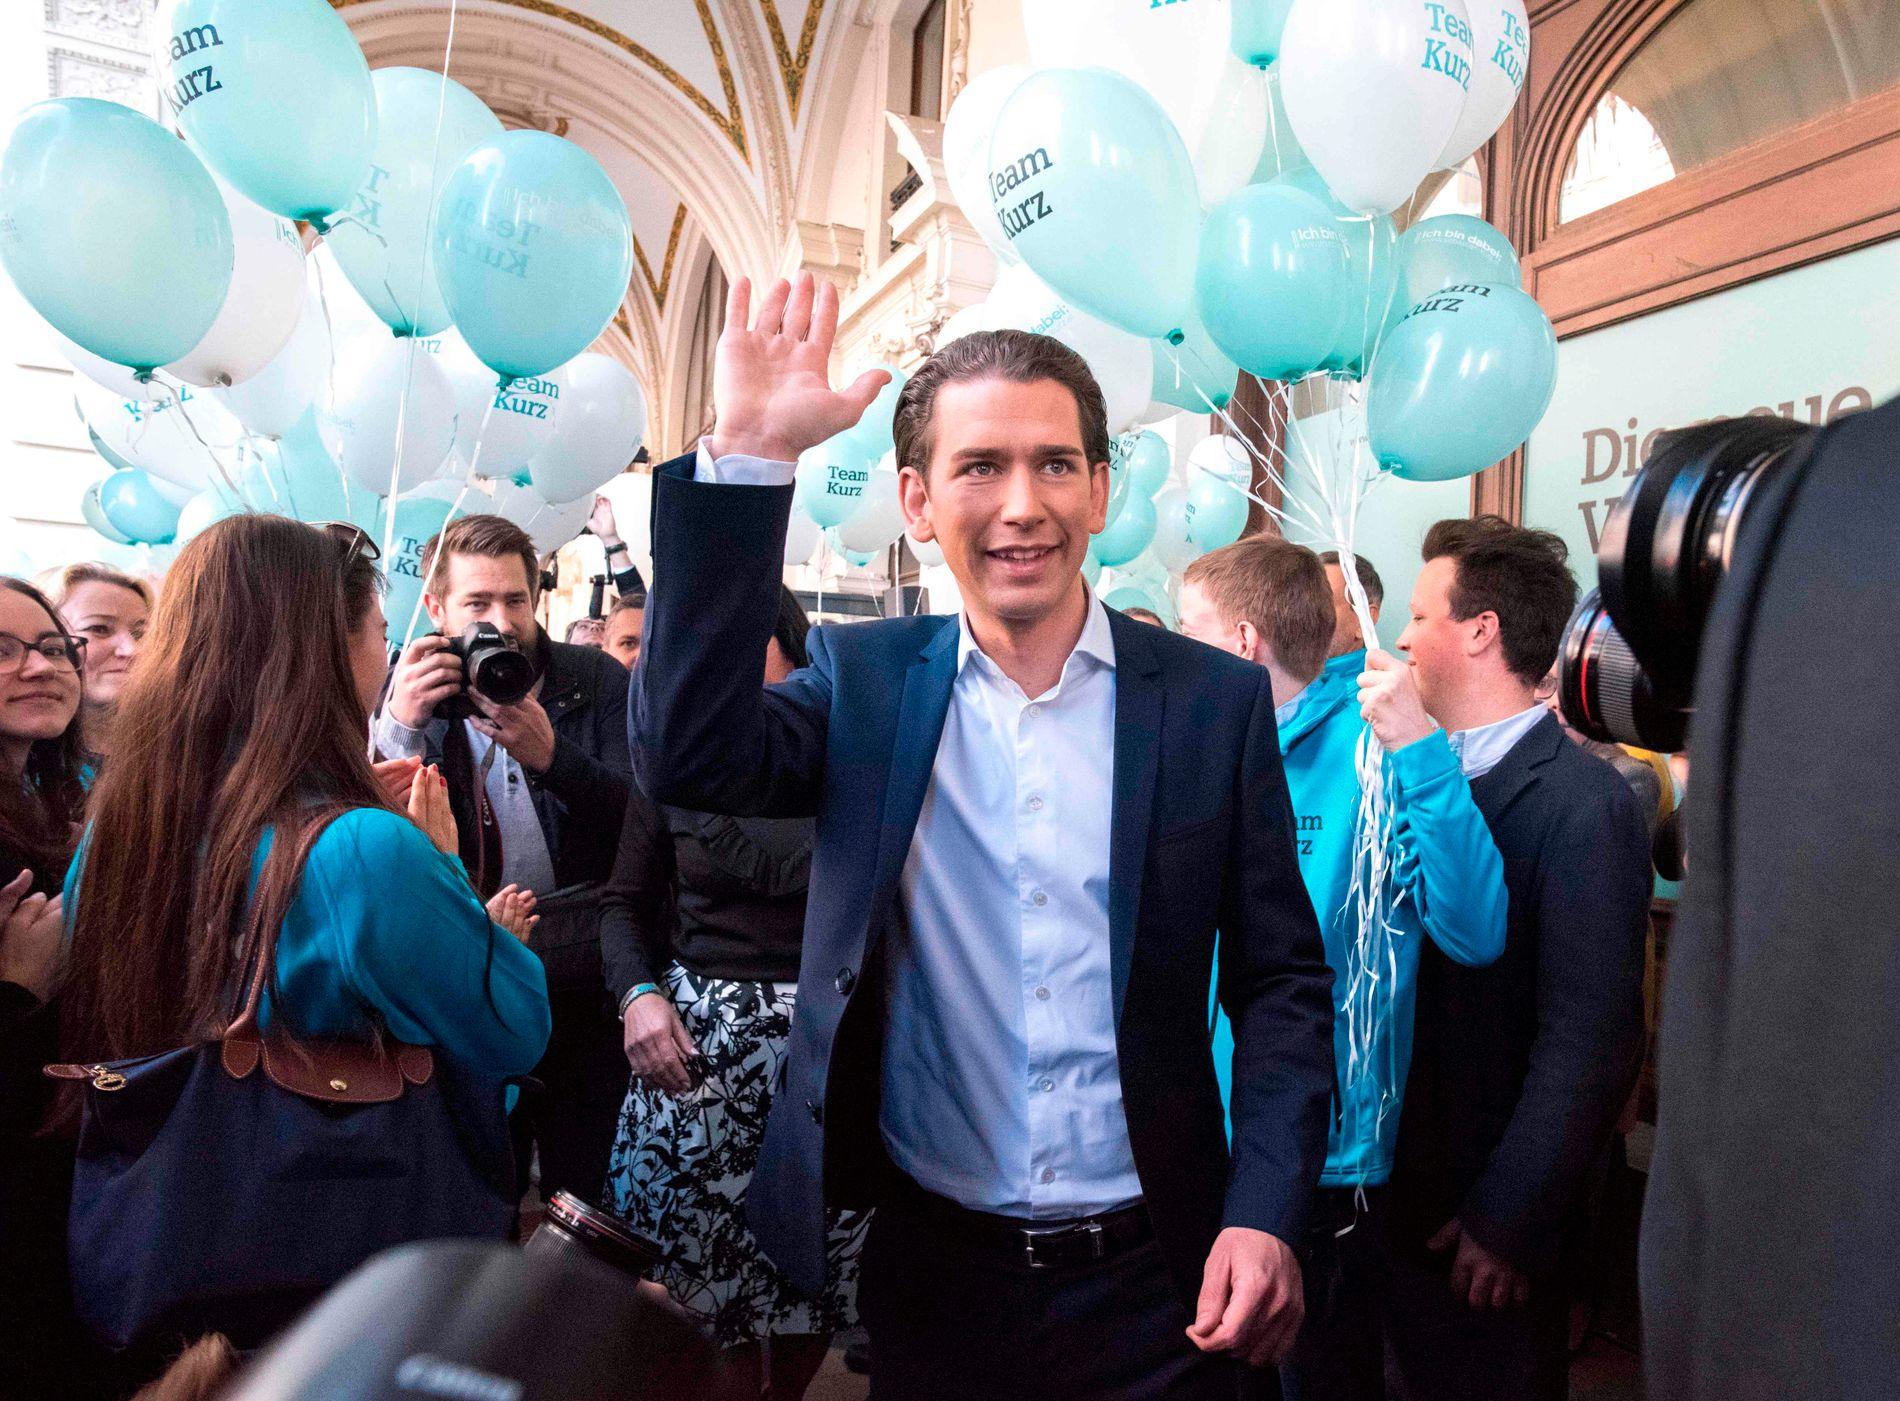 POPULISTISKE KNEP: Sebastian Kurz spiller på de samme strengene som ytre-Høyres Frihetspartiet vinner stemmer på, men innenfor rammene av et etablert og akseptert parti, mener forskere VG har snakket med. FOTO: AFP